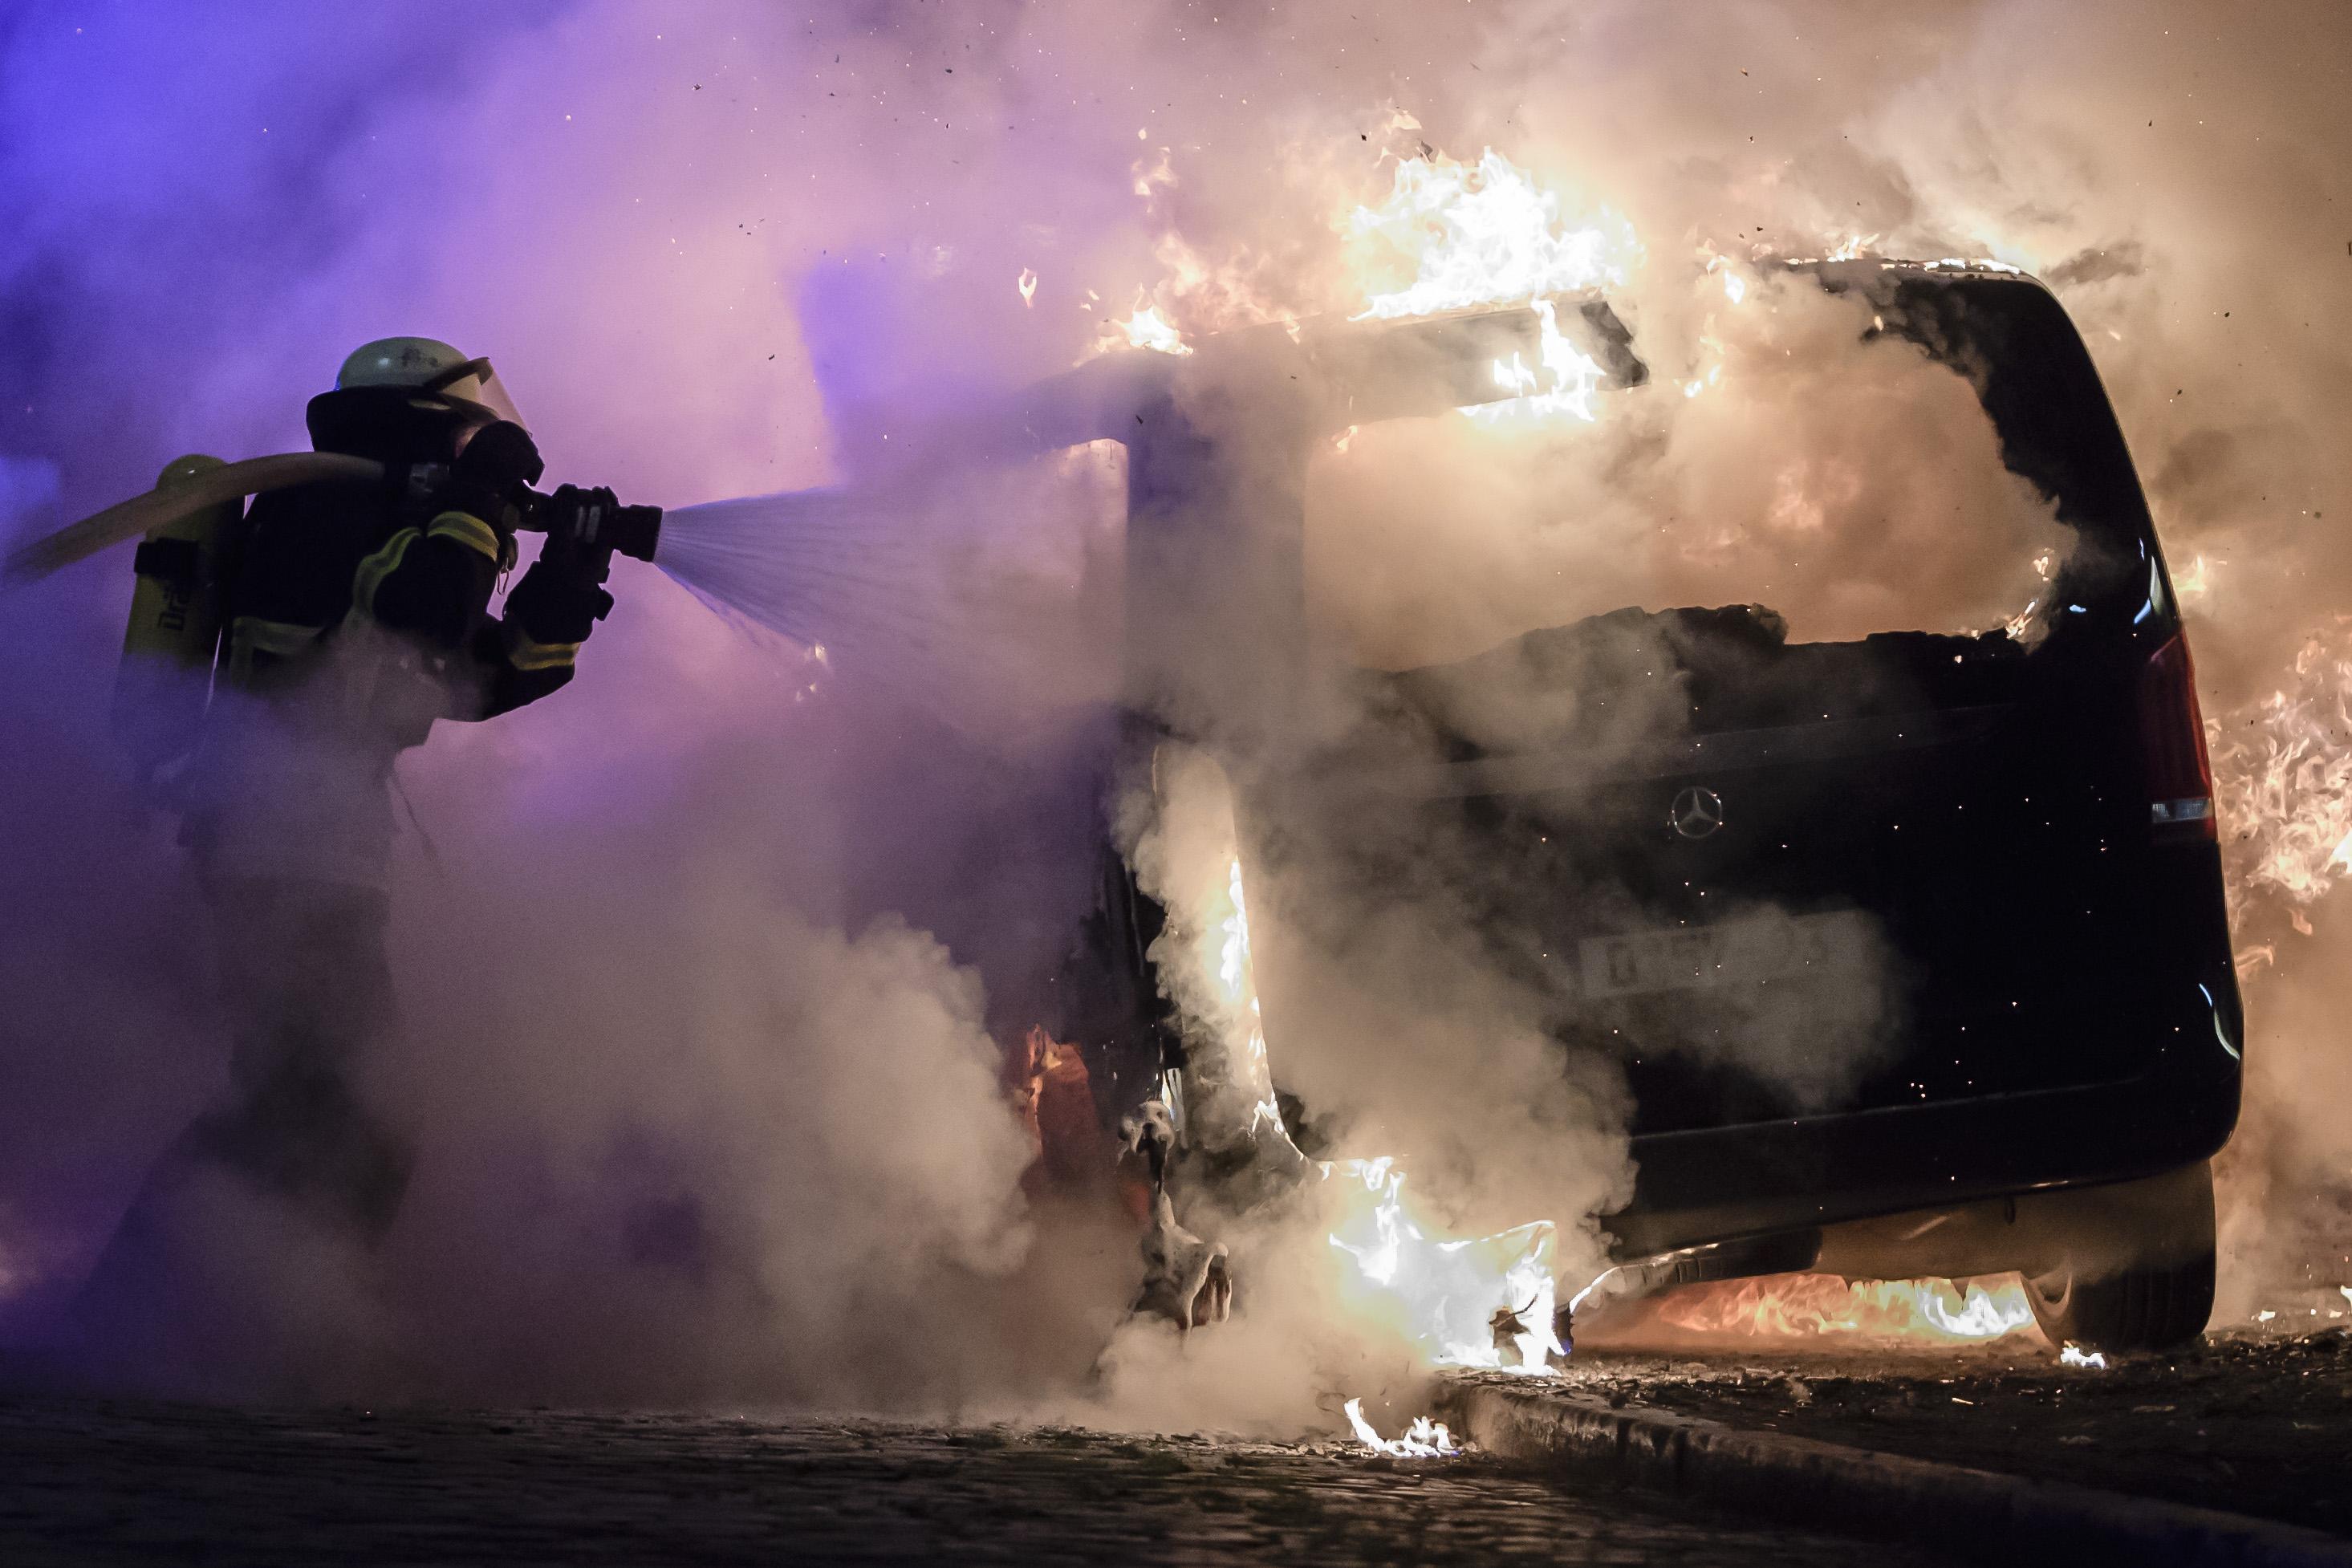 Последствия беспорядков во время G20 в Гамбурге